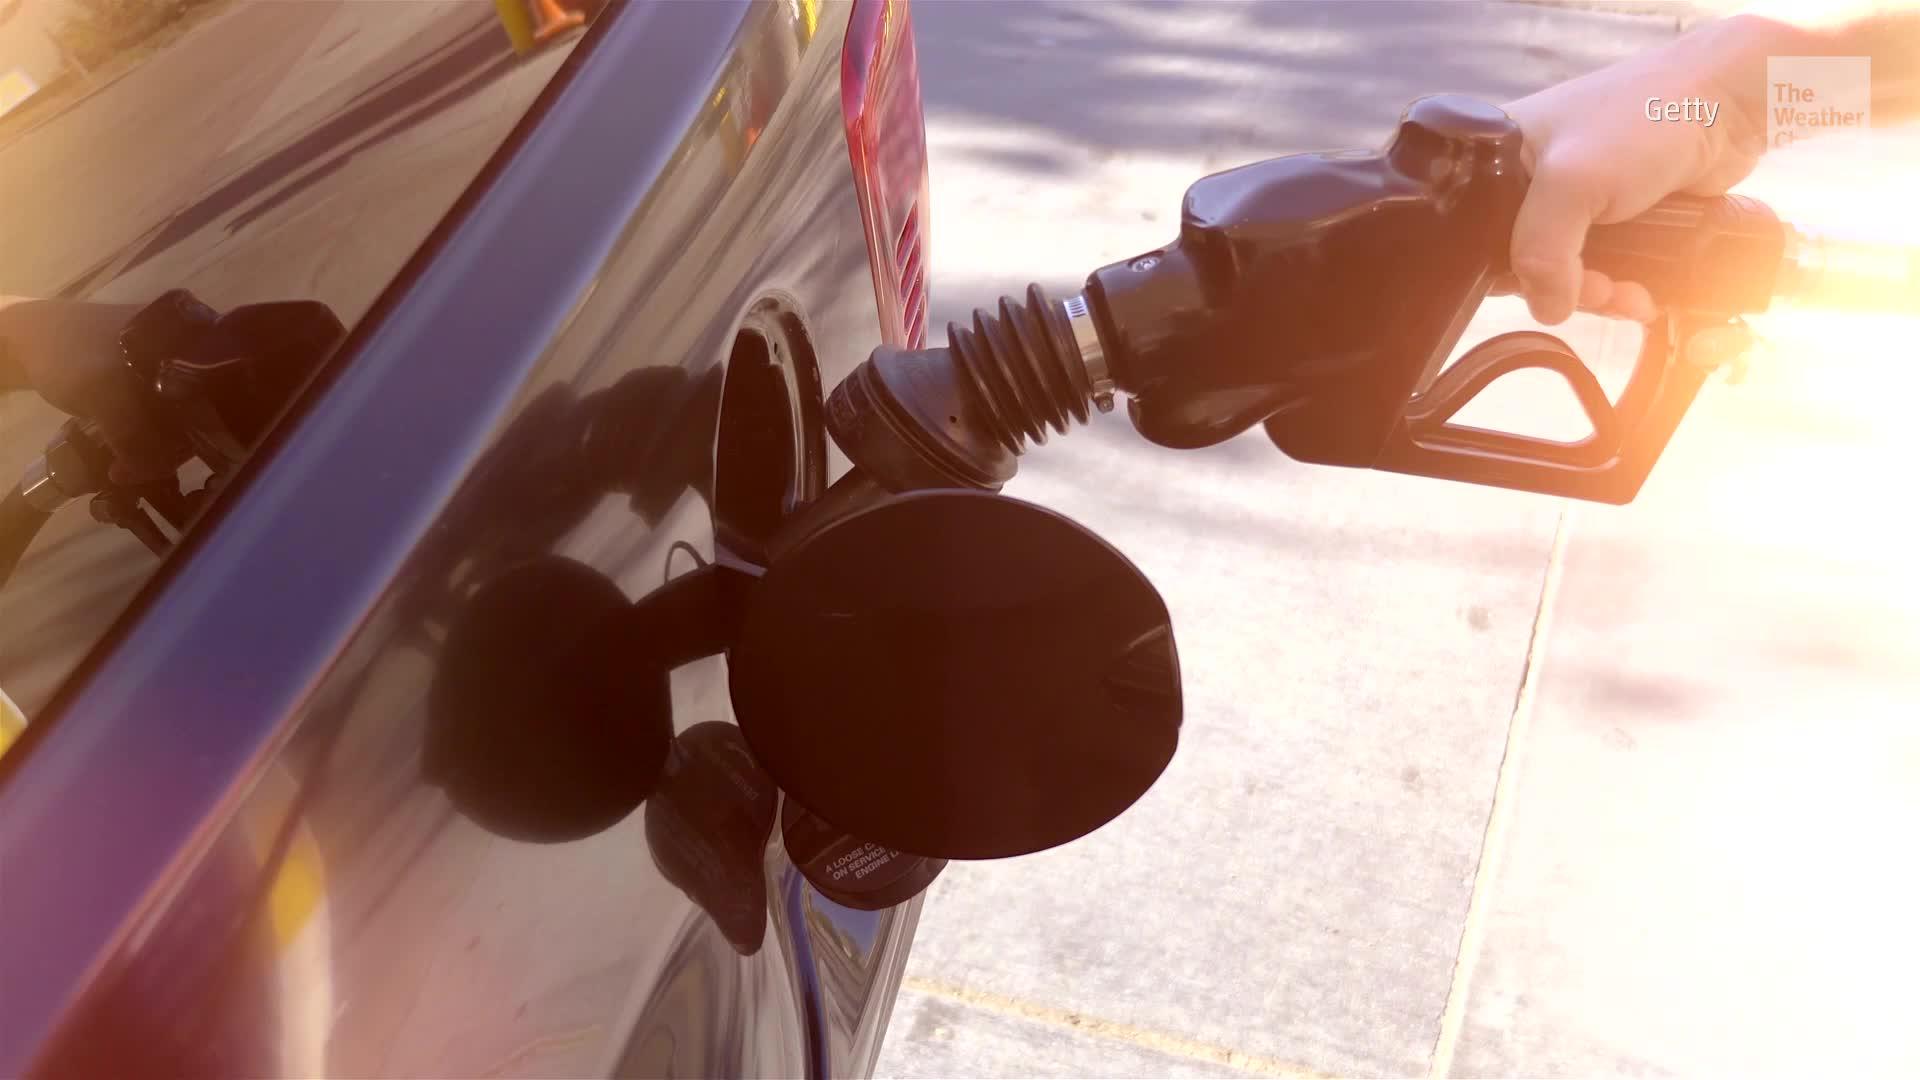 El precio del petróleo sube a medida que los productores comienzan a evacuar al personal de las plataformas en el Golfo.